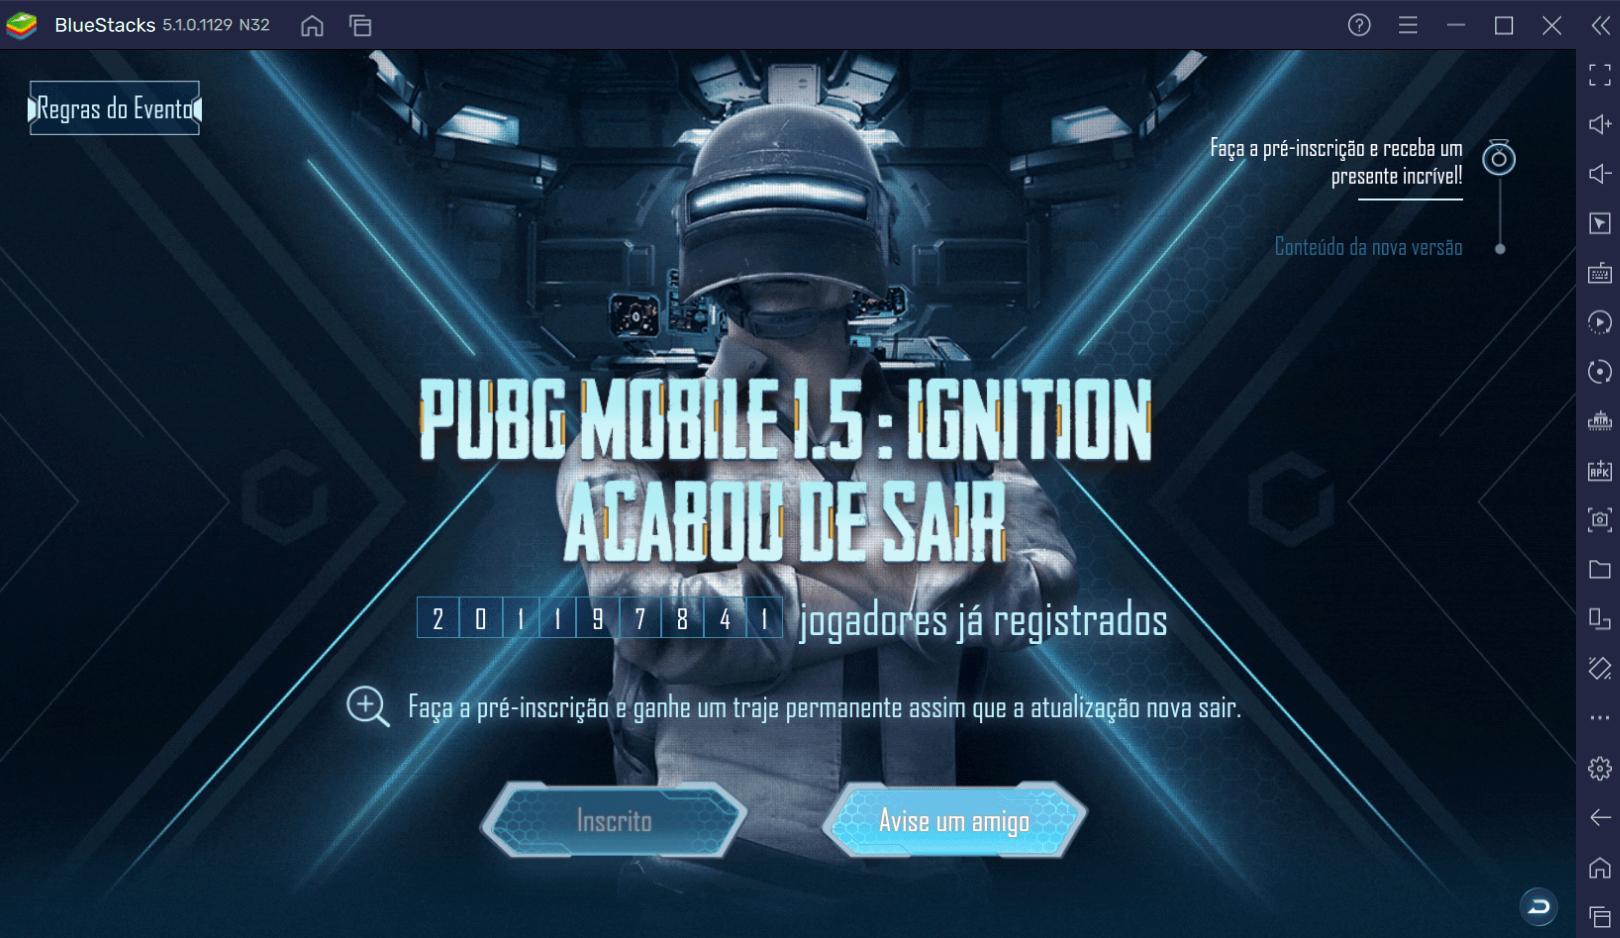 PUBG Mobile 1.5: Ignition está no ar! Saiba o que mudou com a atualização